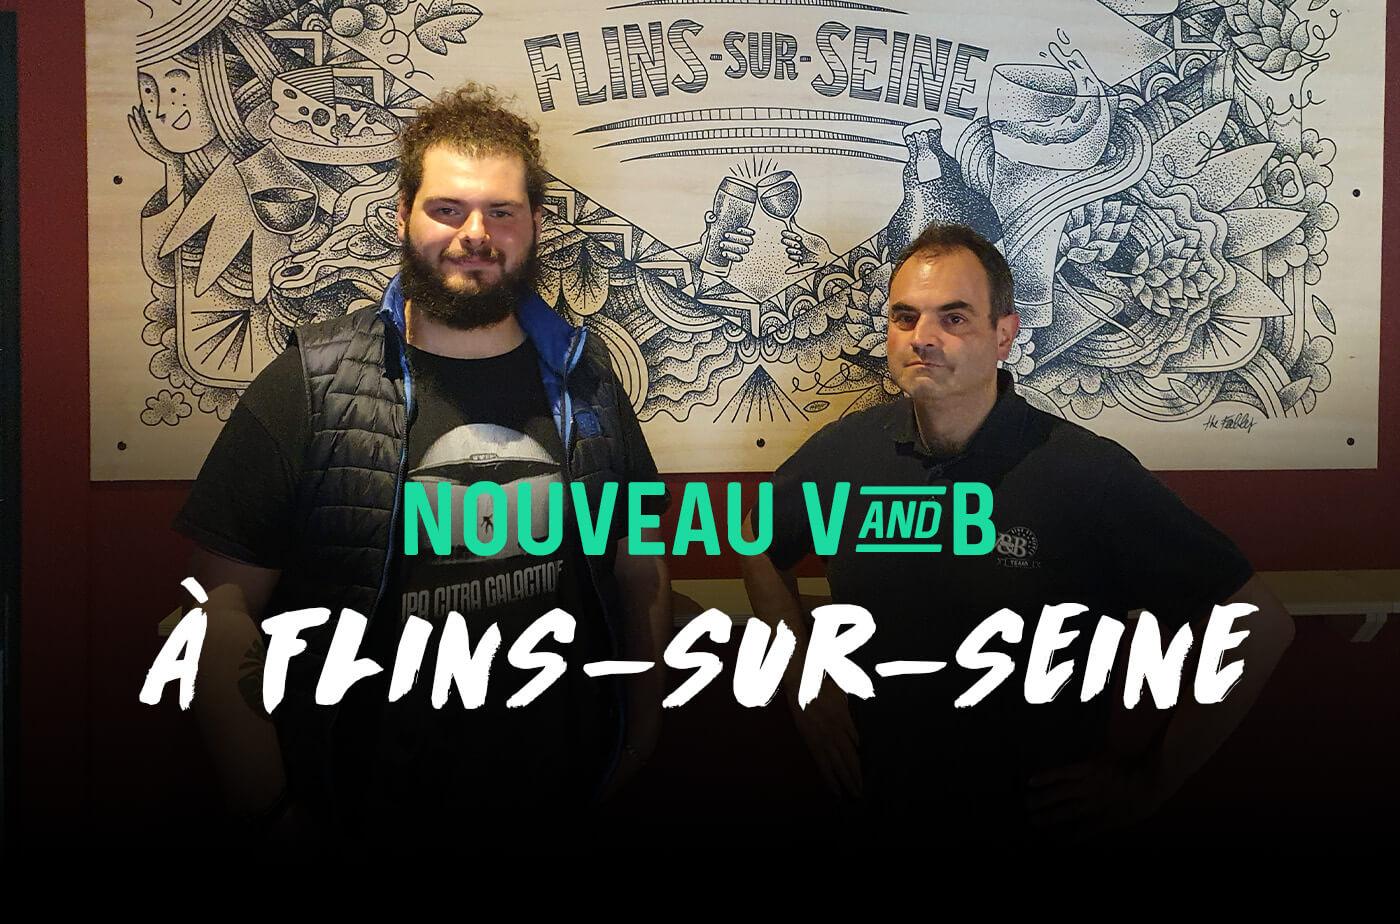 nouveau magasin V and B Flins-sur-Seine